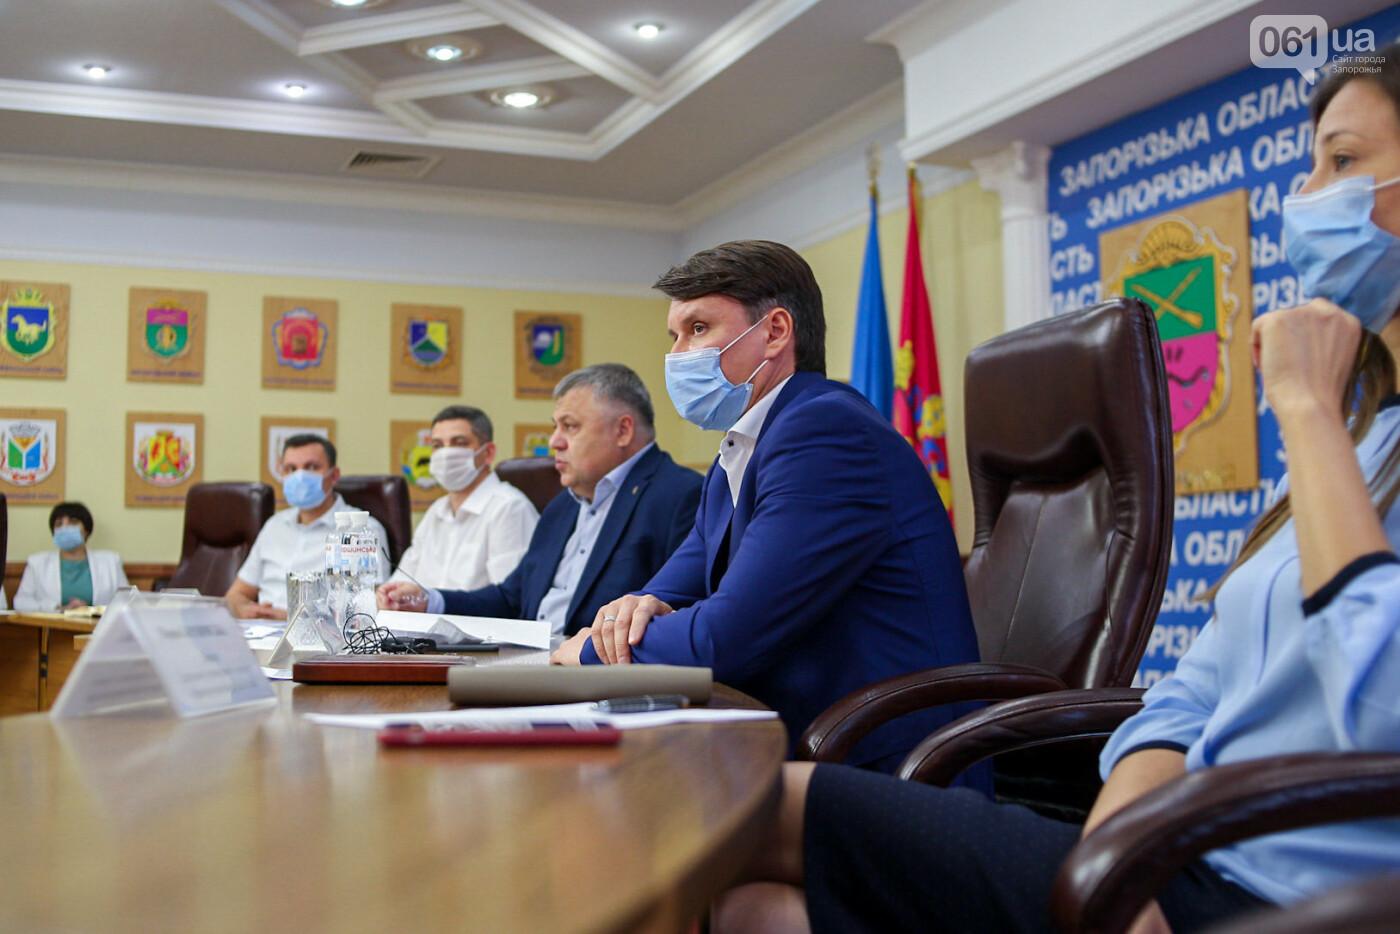 5 років питанням захисту довкілля в Запоріжжя не займались взагалі, – Віталій Тишечко заявив на конференції, присвяченій захисту довкілля, фото-4